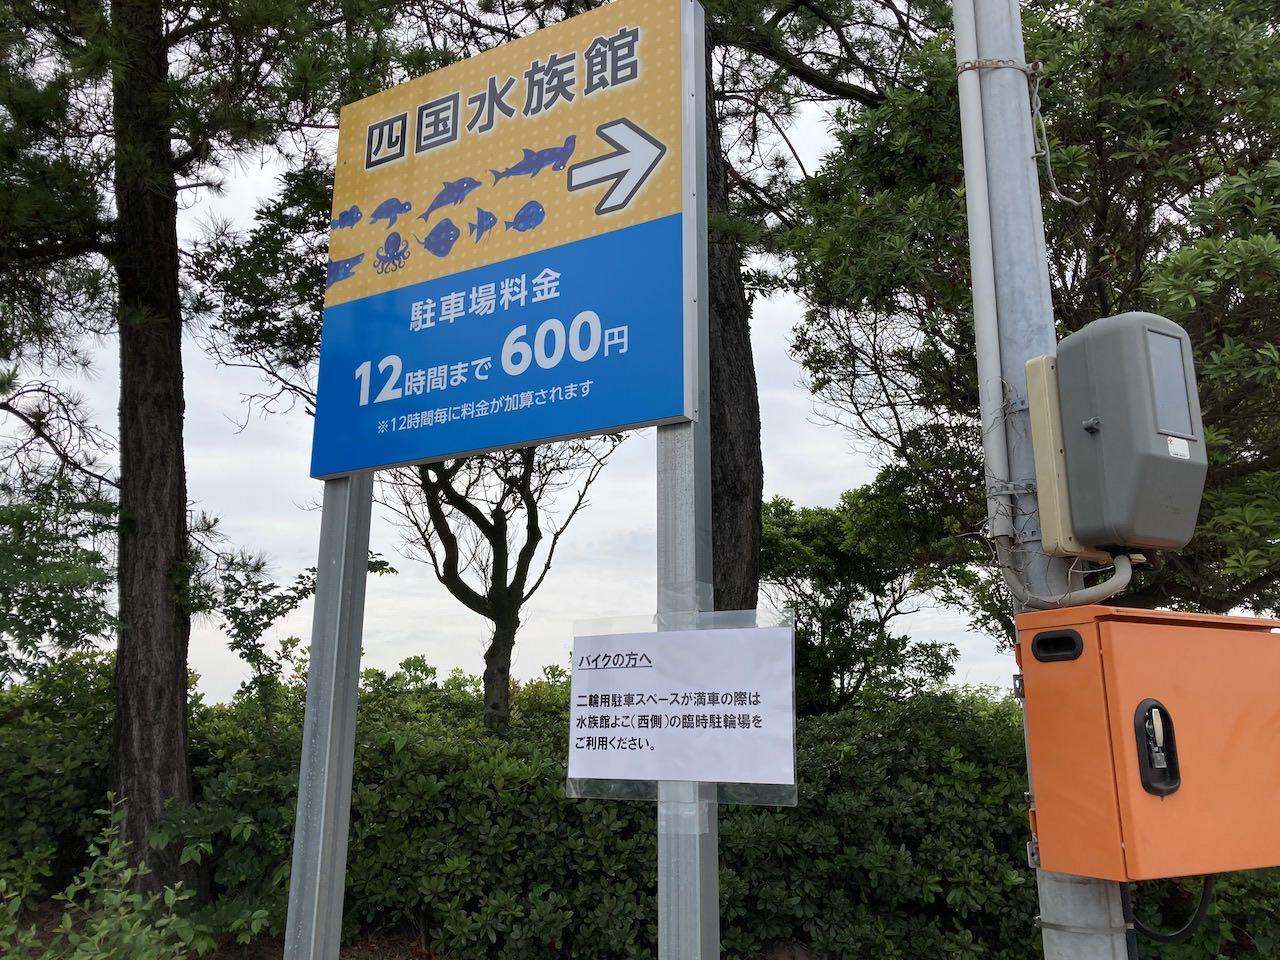 四国水族館 駐車料金